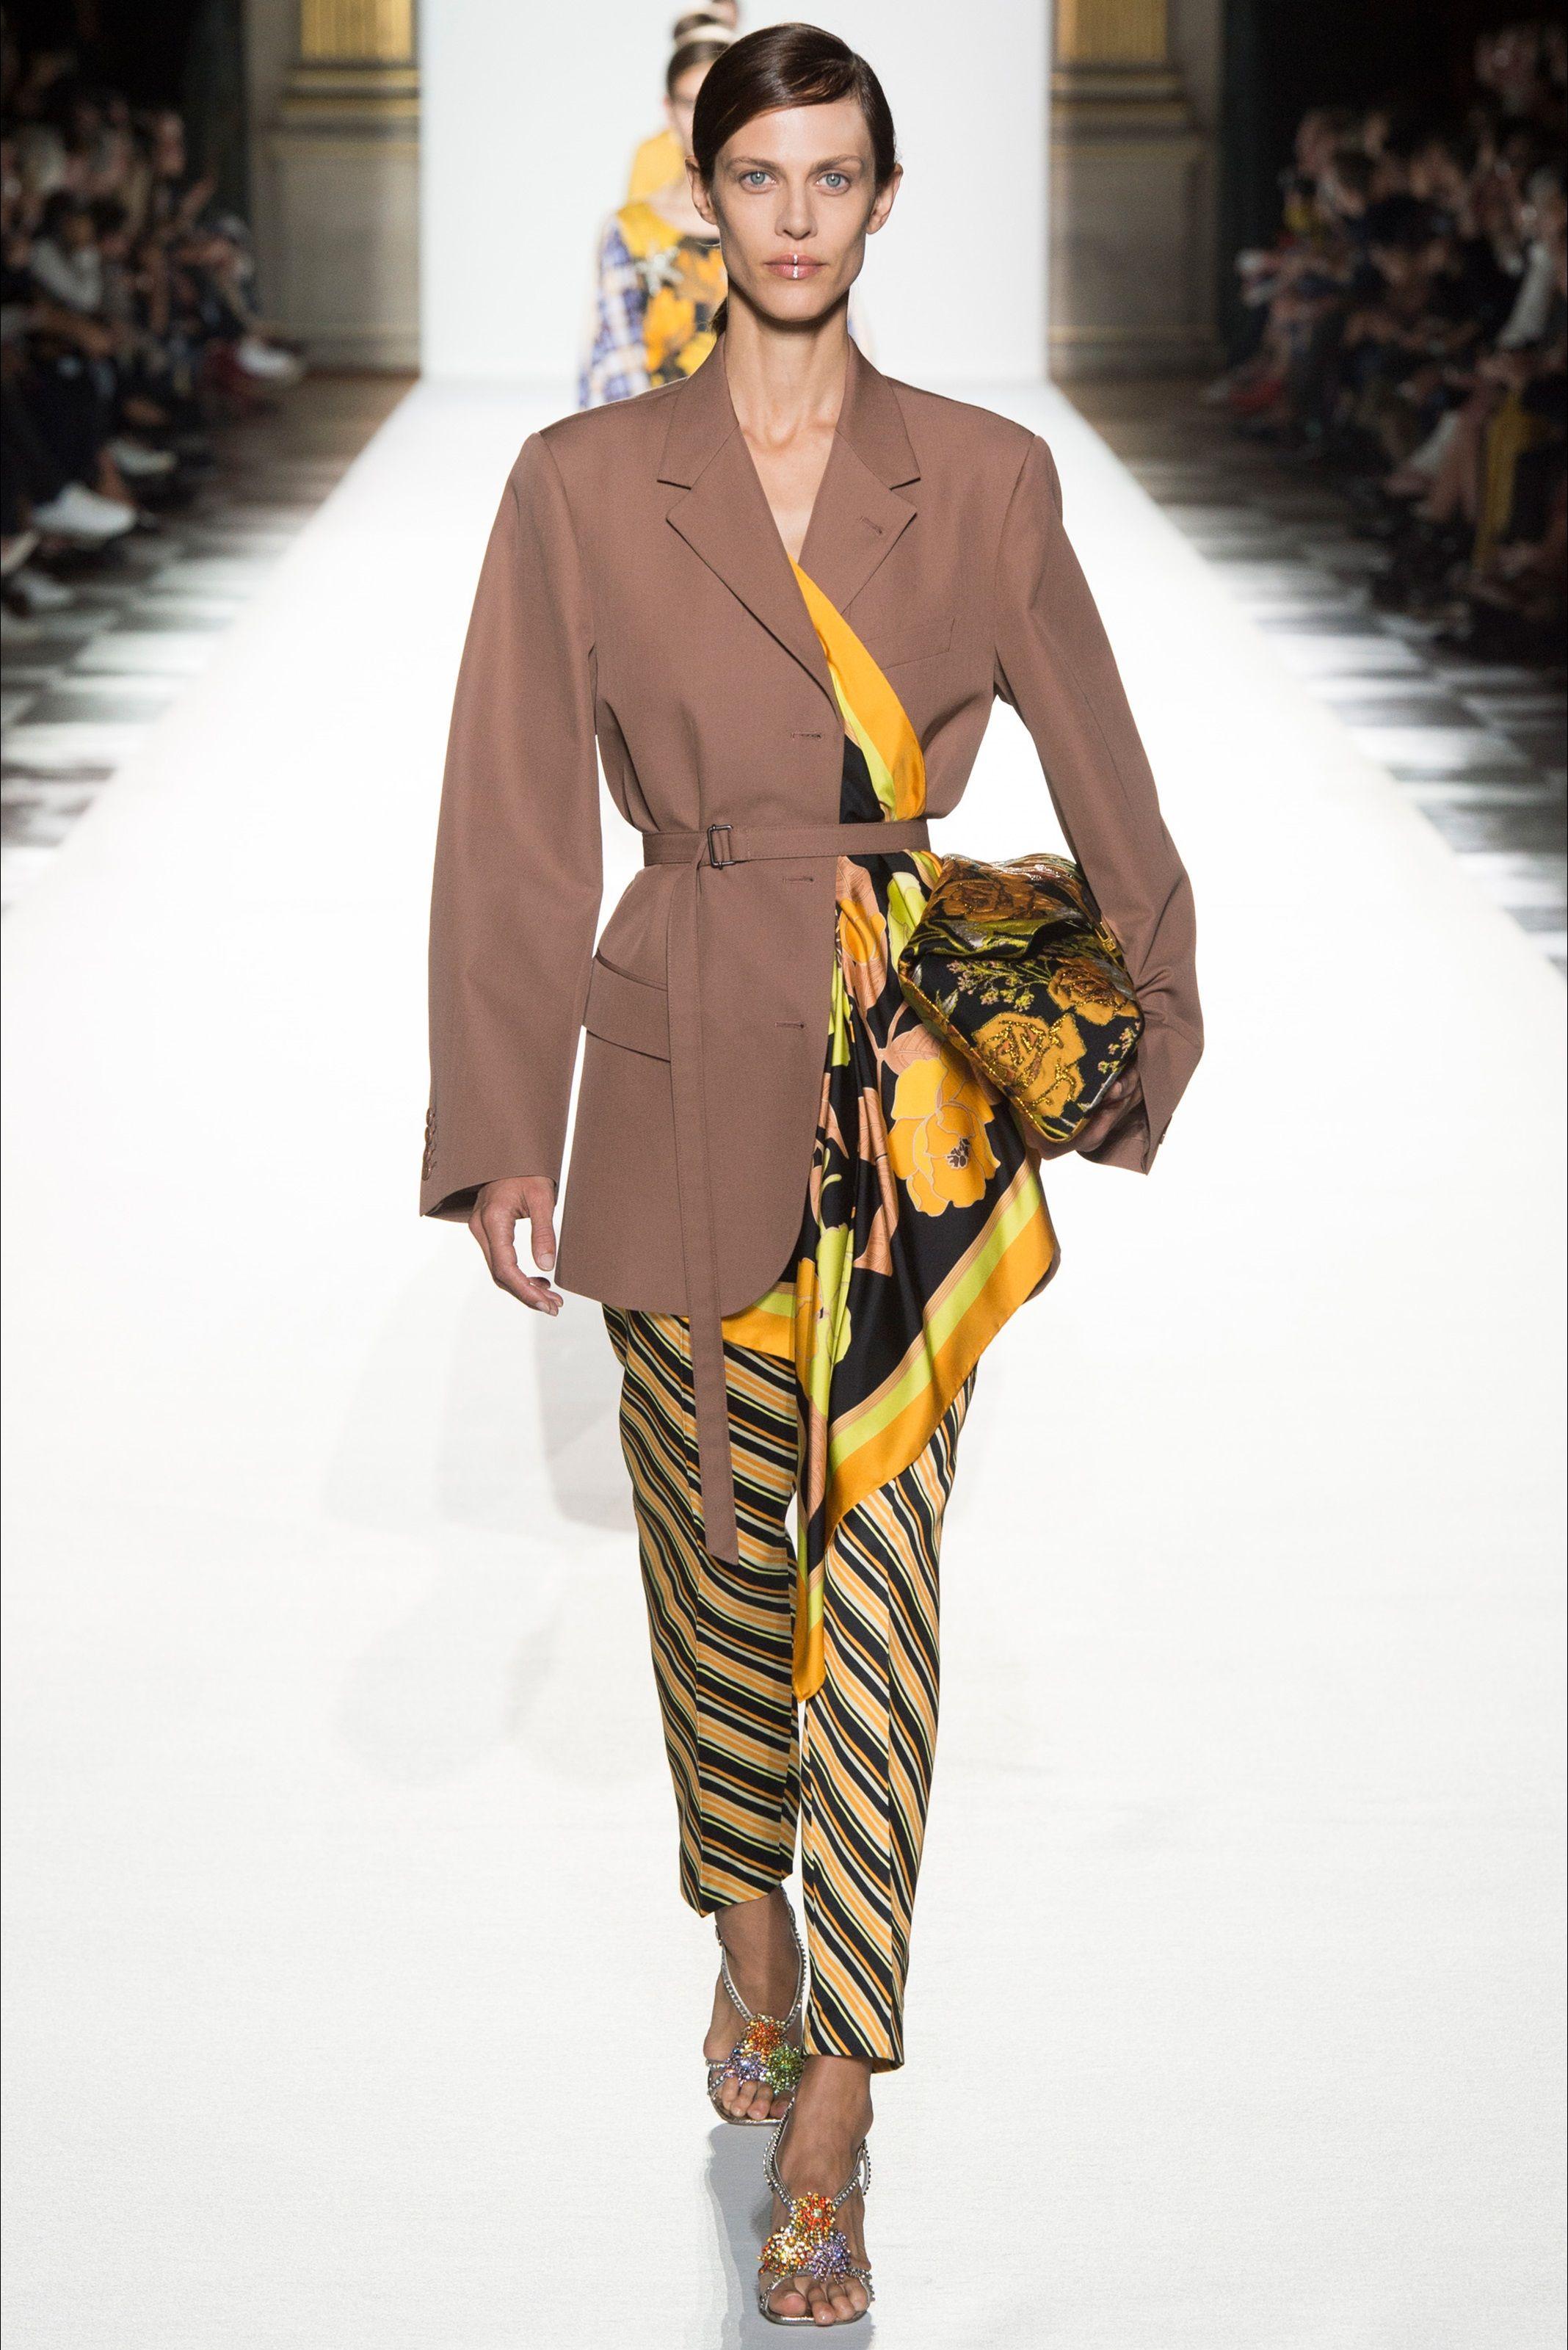 Guarda la sfilata di moda Dries Van Noten a Parigi e scopri